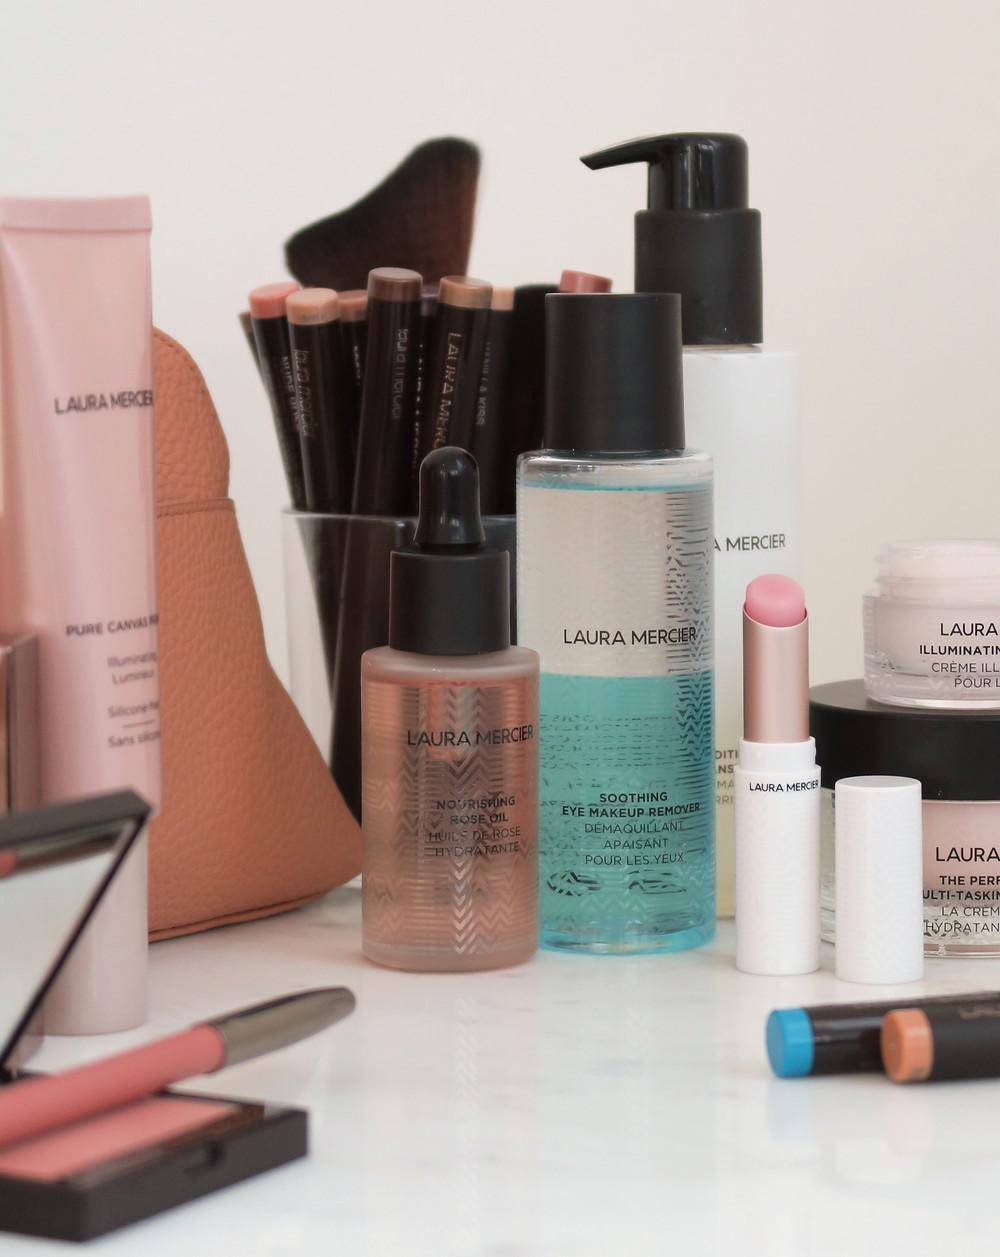 laura mercier skincare review